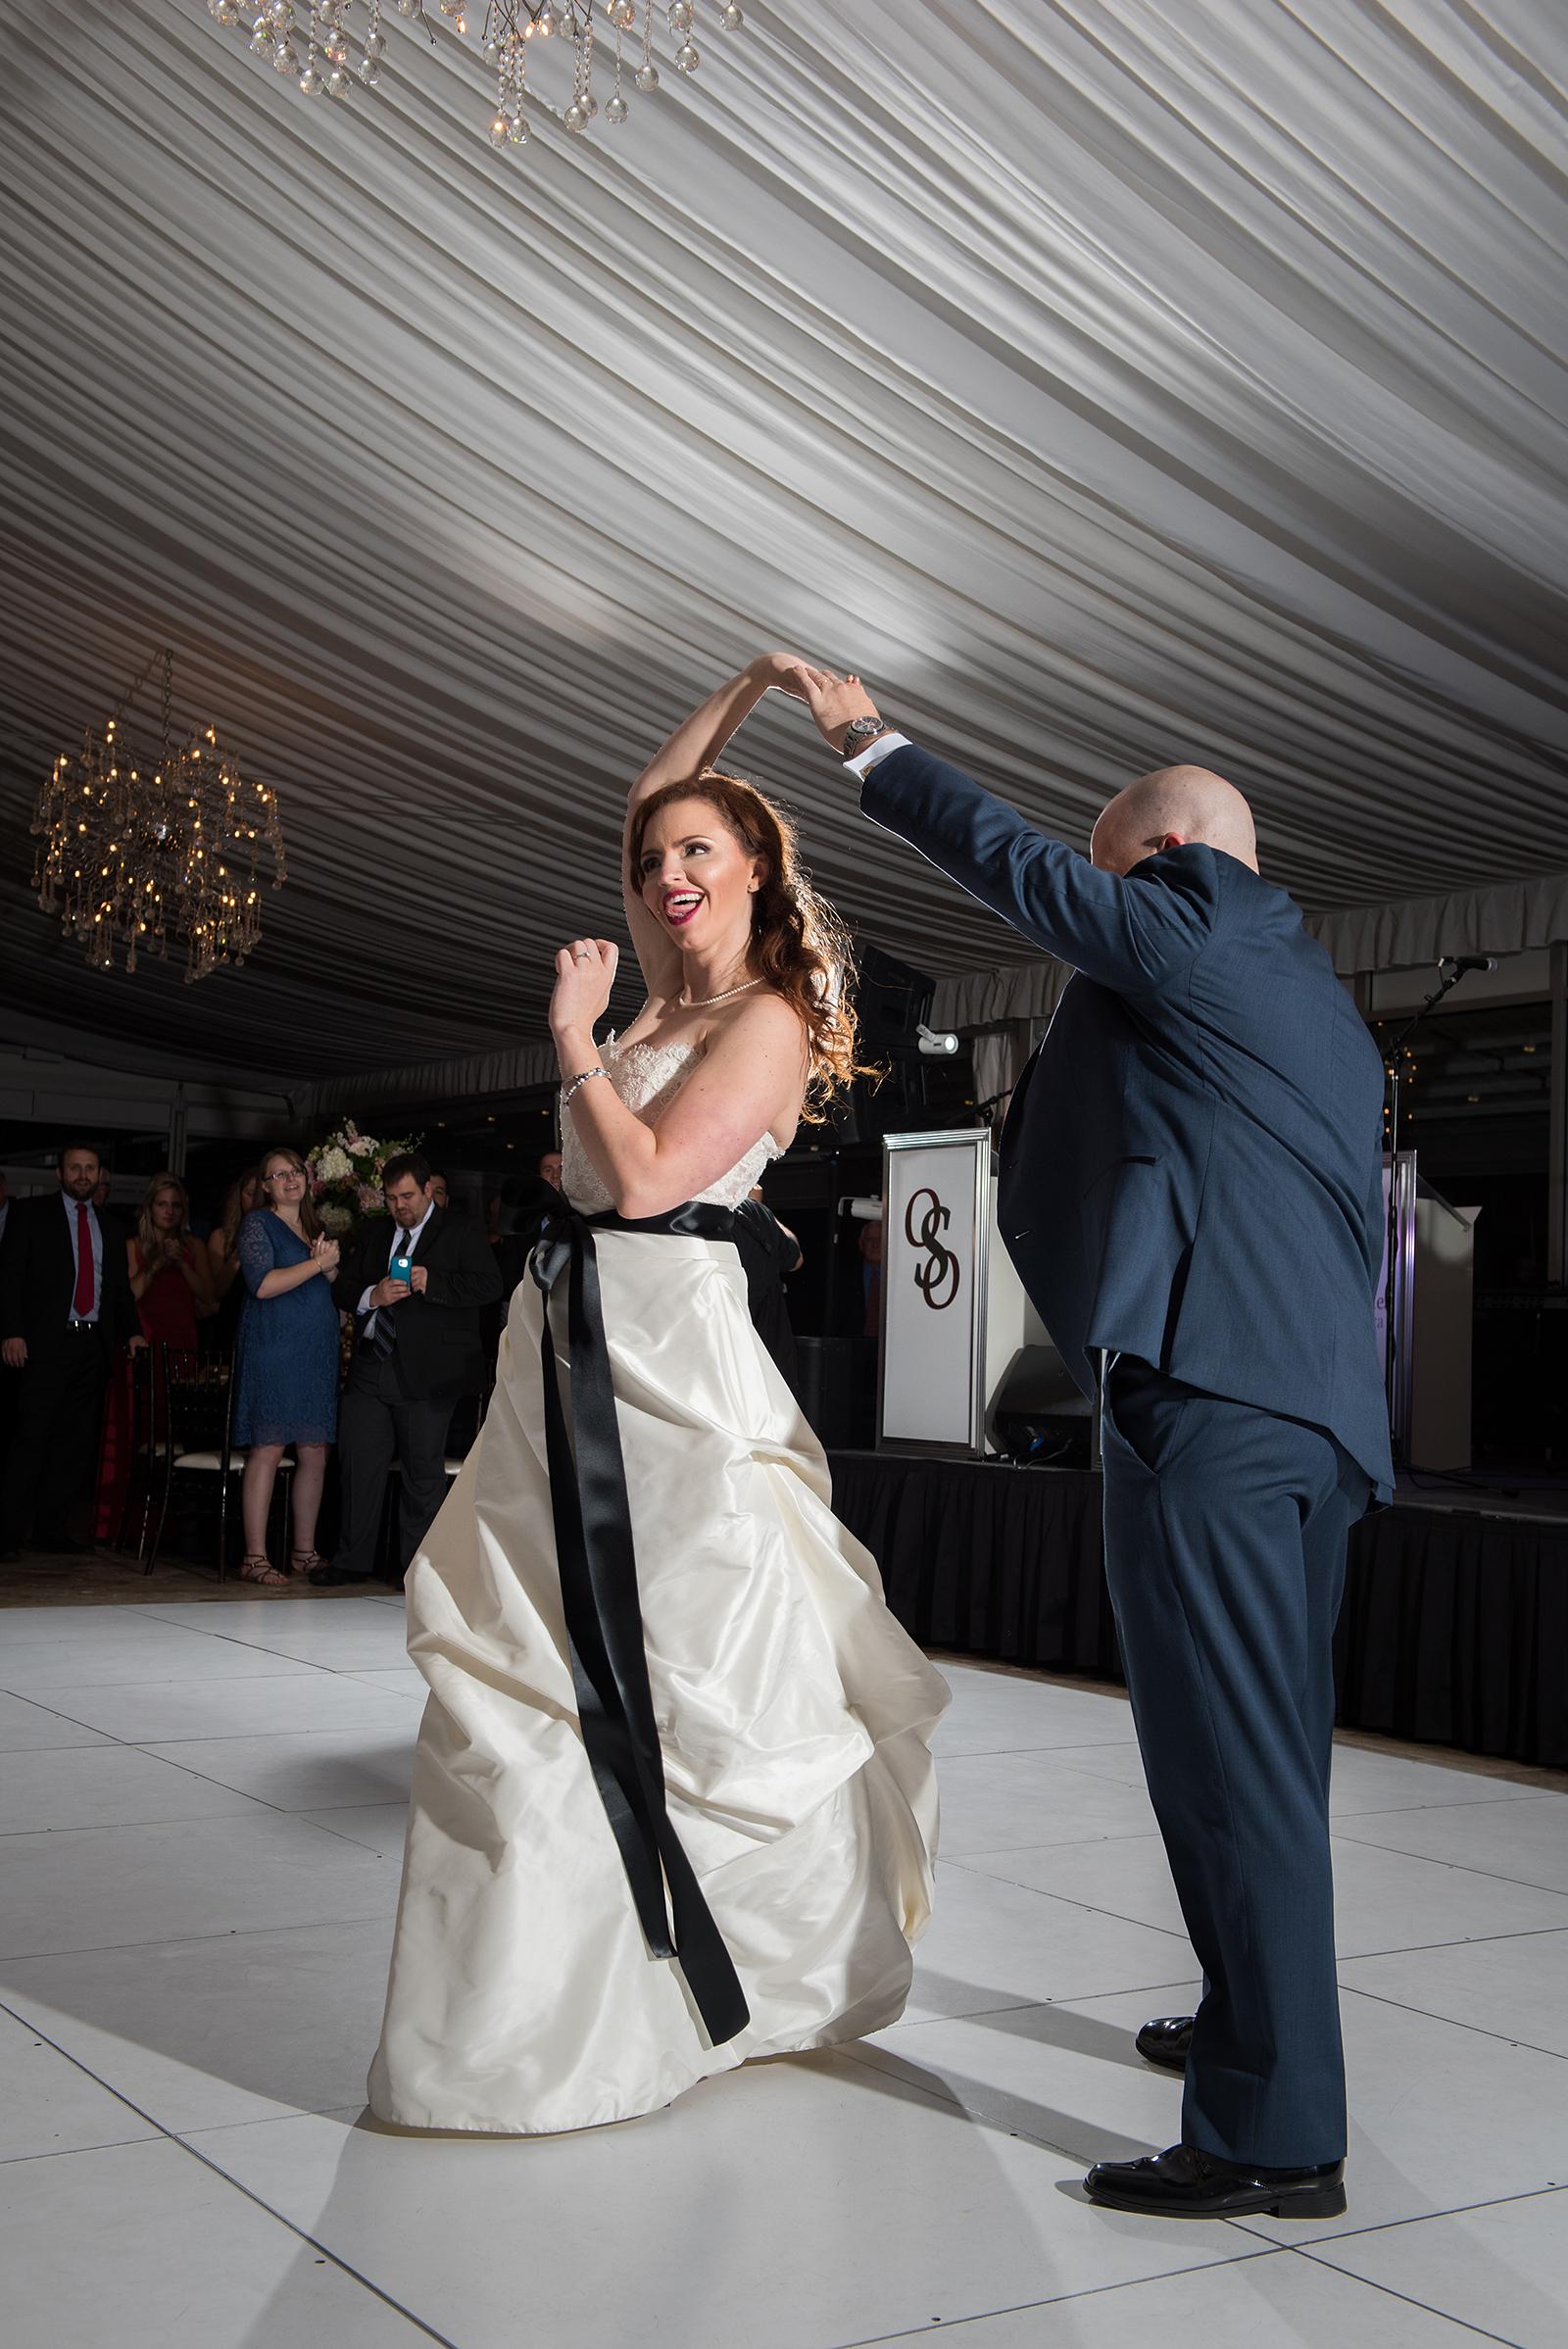 Bride Groom First Dance Galleria Marchetti